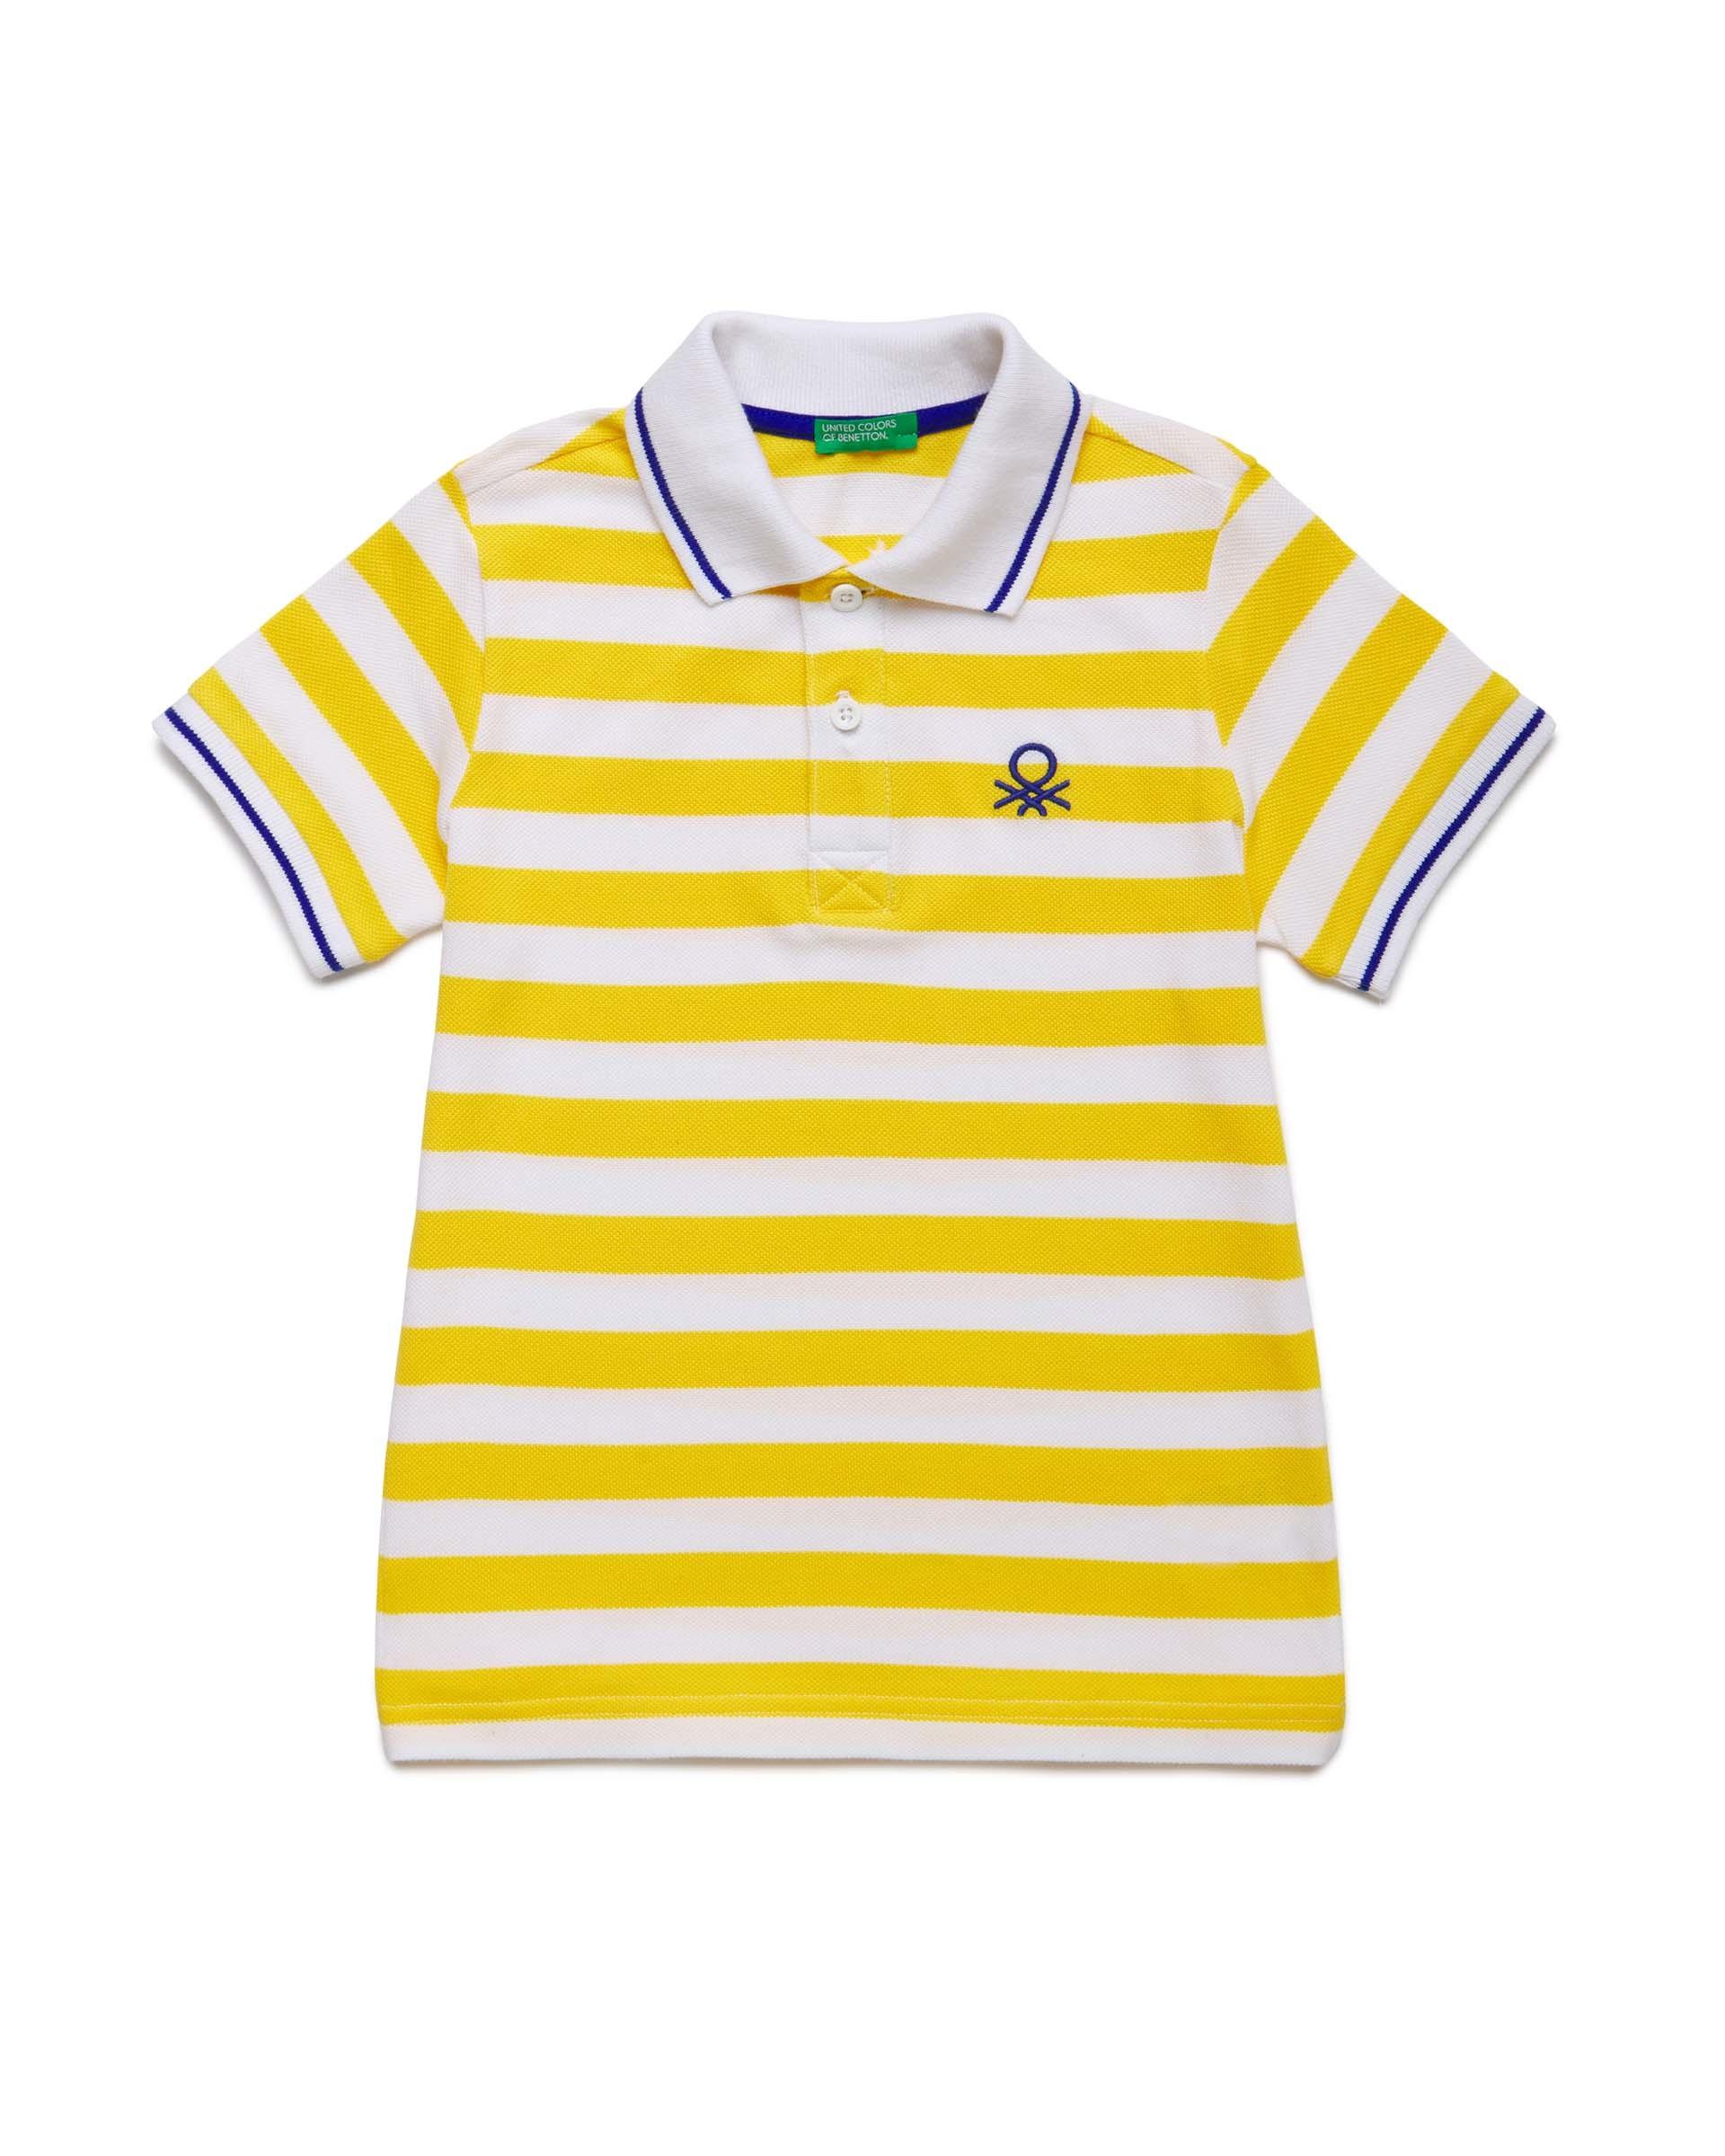 Купить 20P_3NQ7C3124_902, Поло-пике для мальчиков Benetton 3NQ7C3124_902 р-р 122, United Colors of Benetton, Футболки для мальчиков